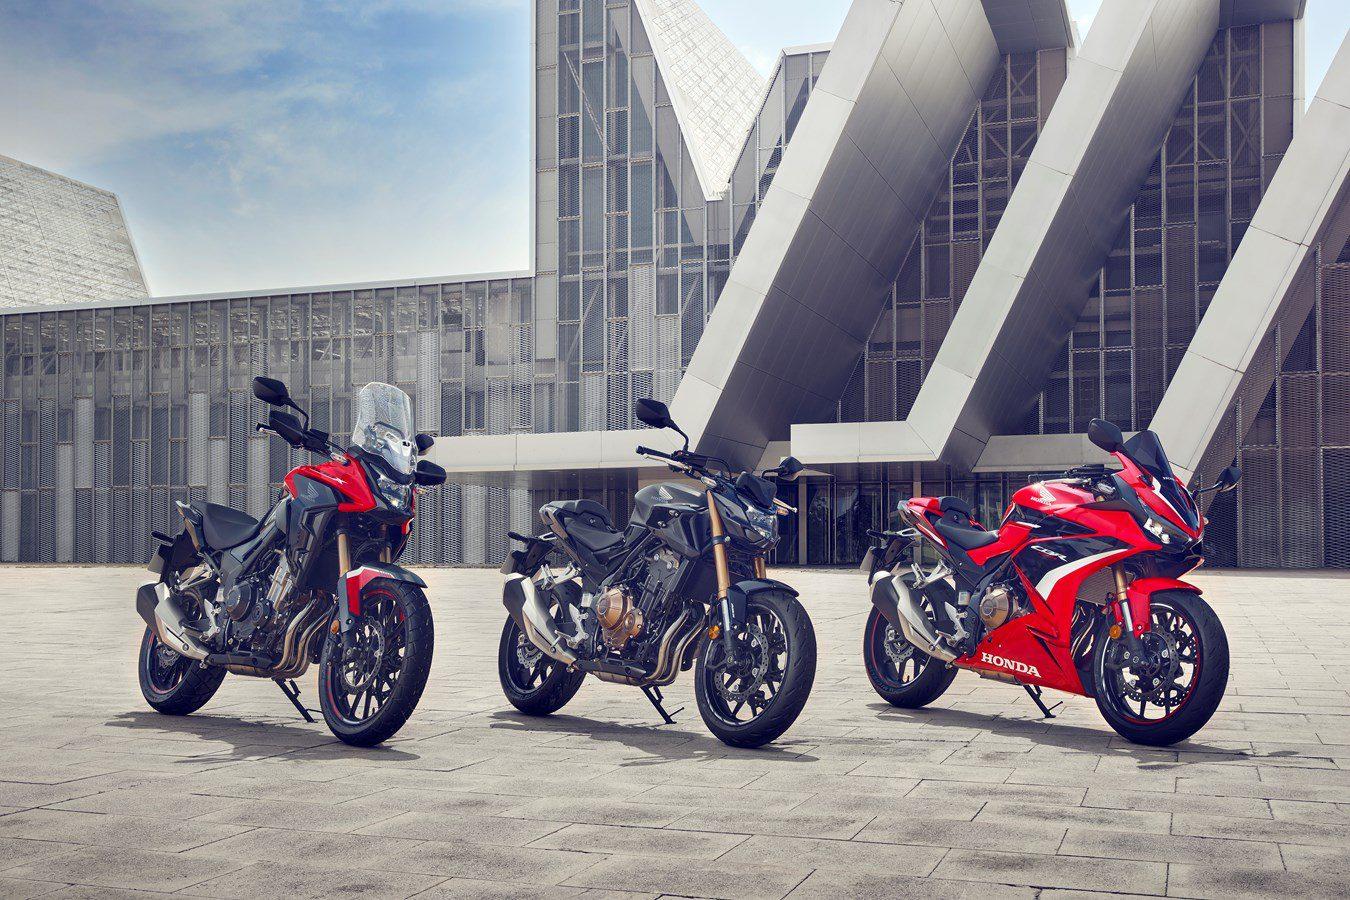 Honda's 500cc-trio krijgt updates voor modeljaar 2022